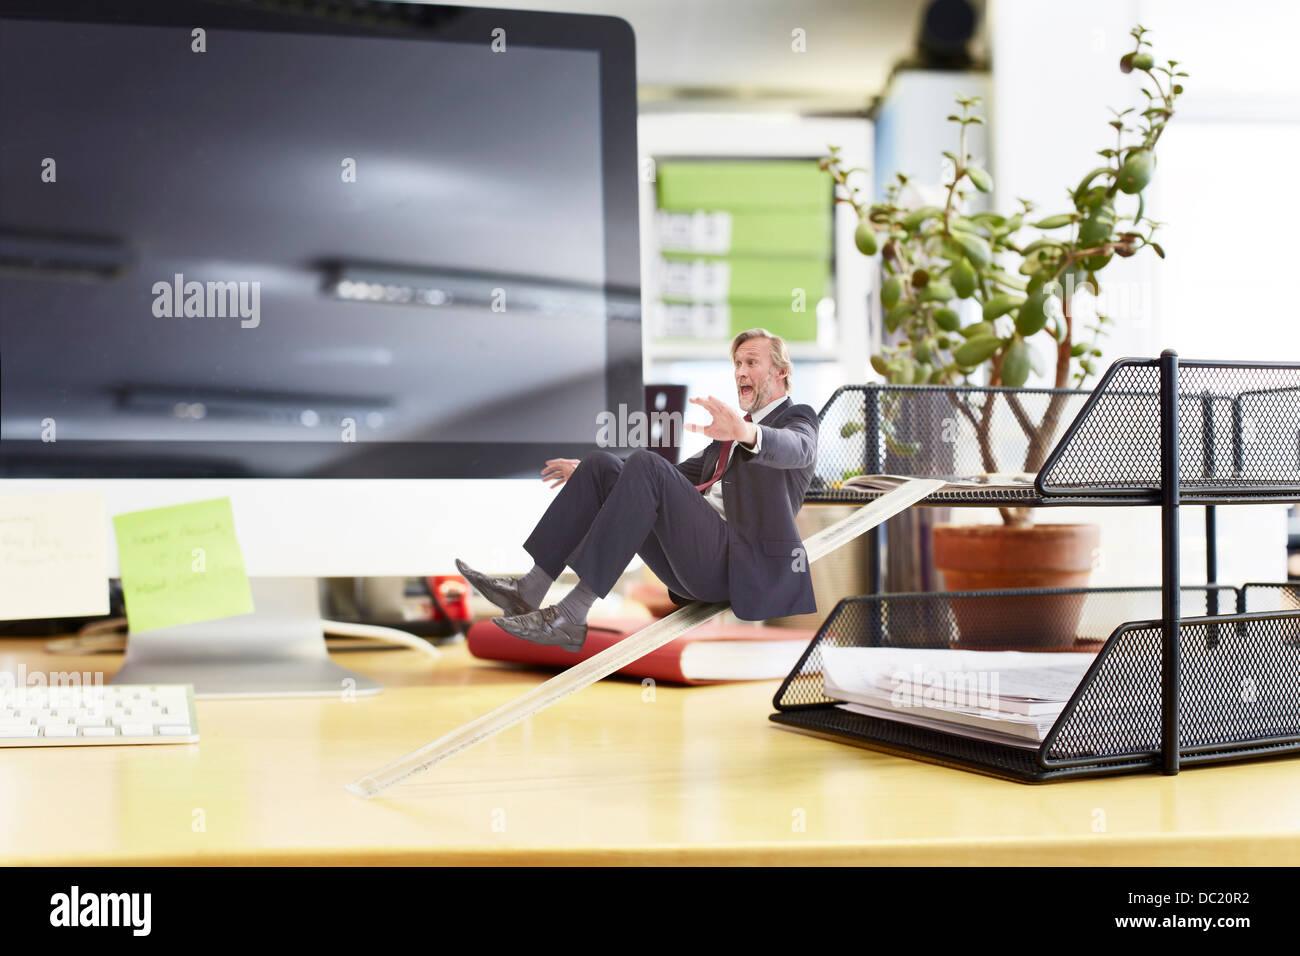 Reife Geschäftsmann Abrutschen Herrscher auf übergroße Schreibtisch Stockbild